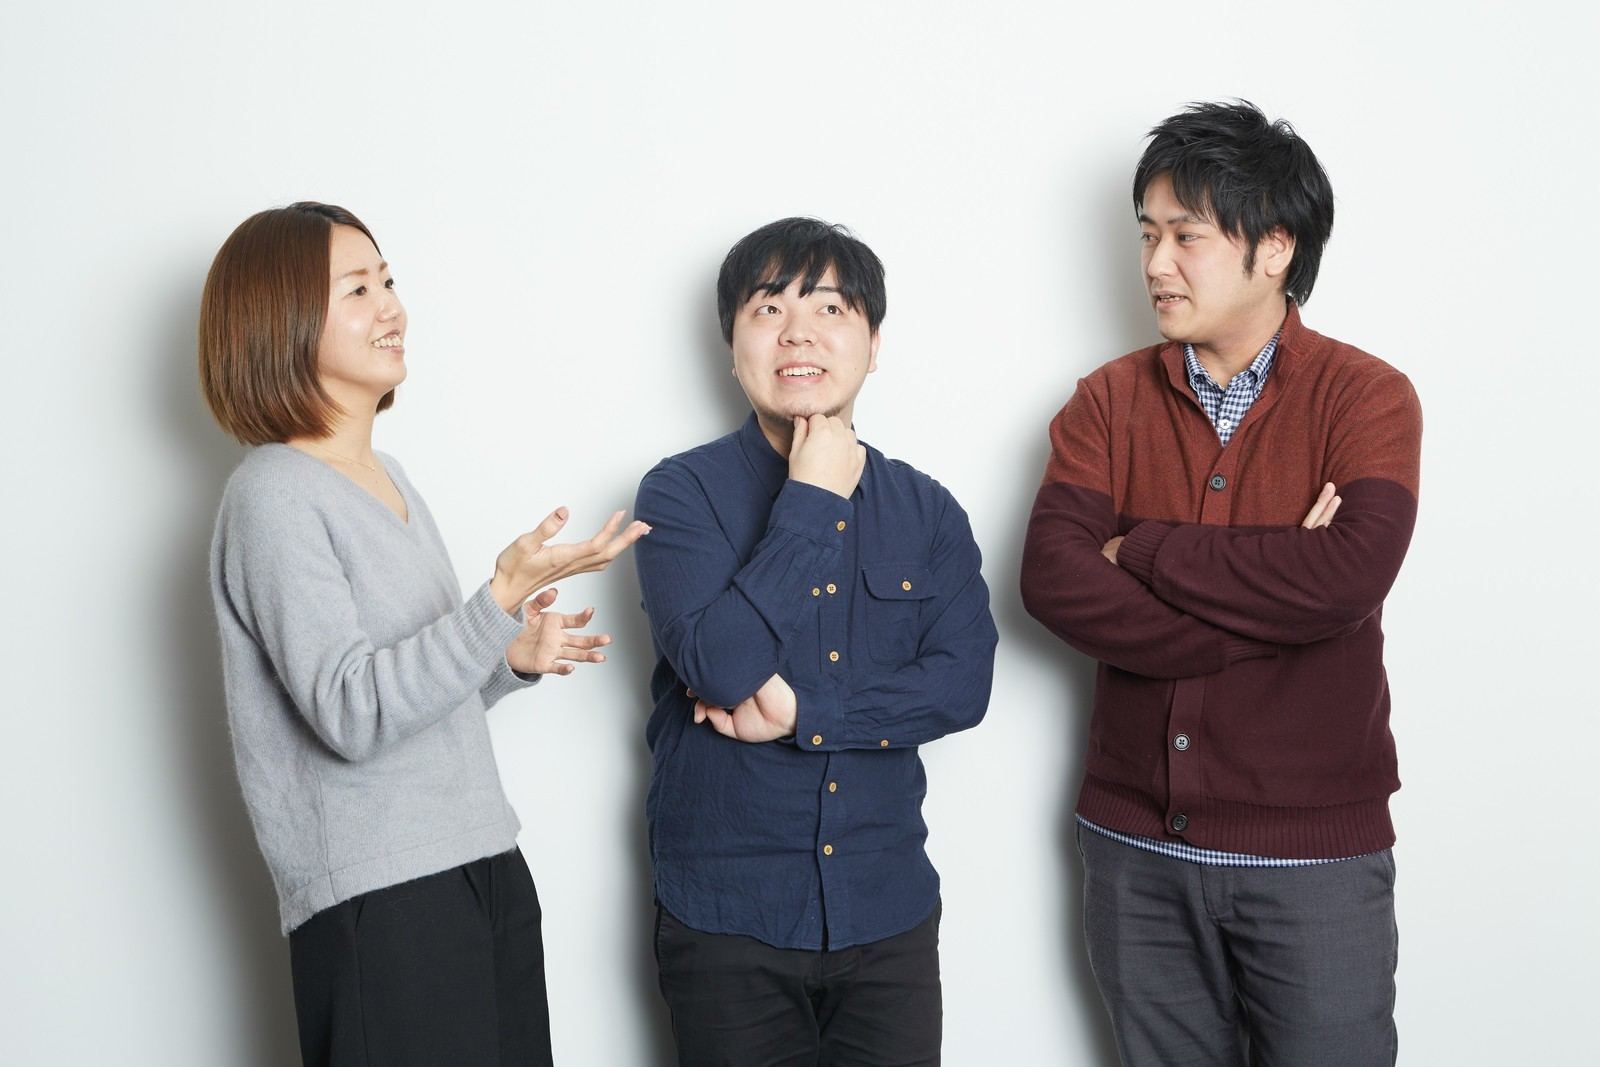 「日本の生産性を飛躍させる」創業5年・急成長中ベンチャーで裁量をもって開発したいRailsエンジニア募集!